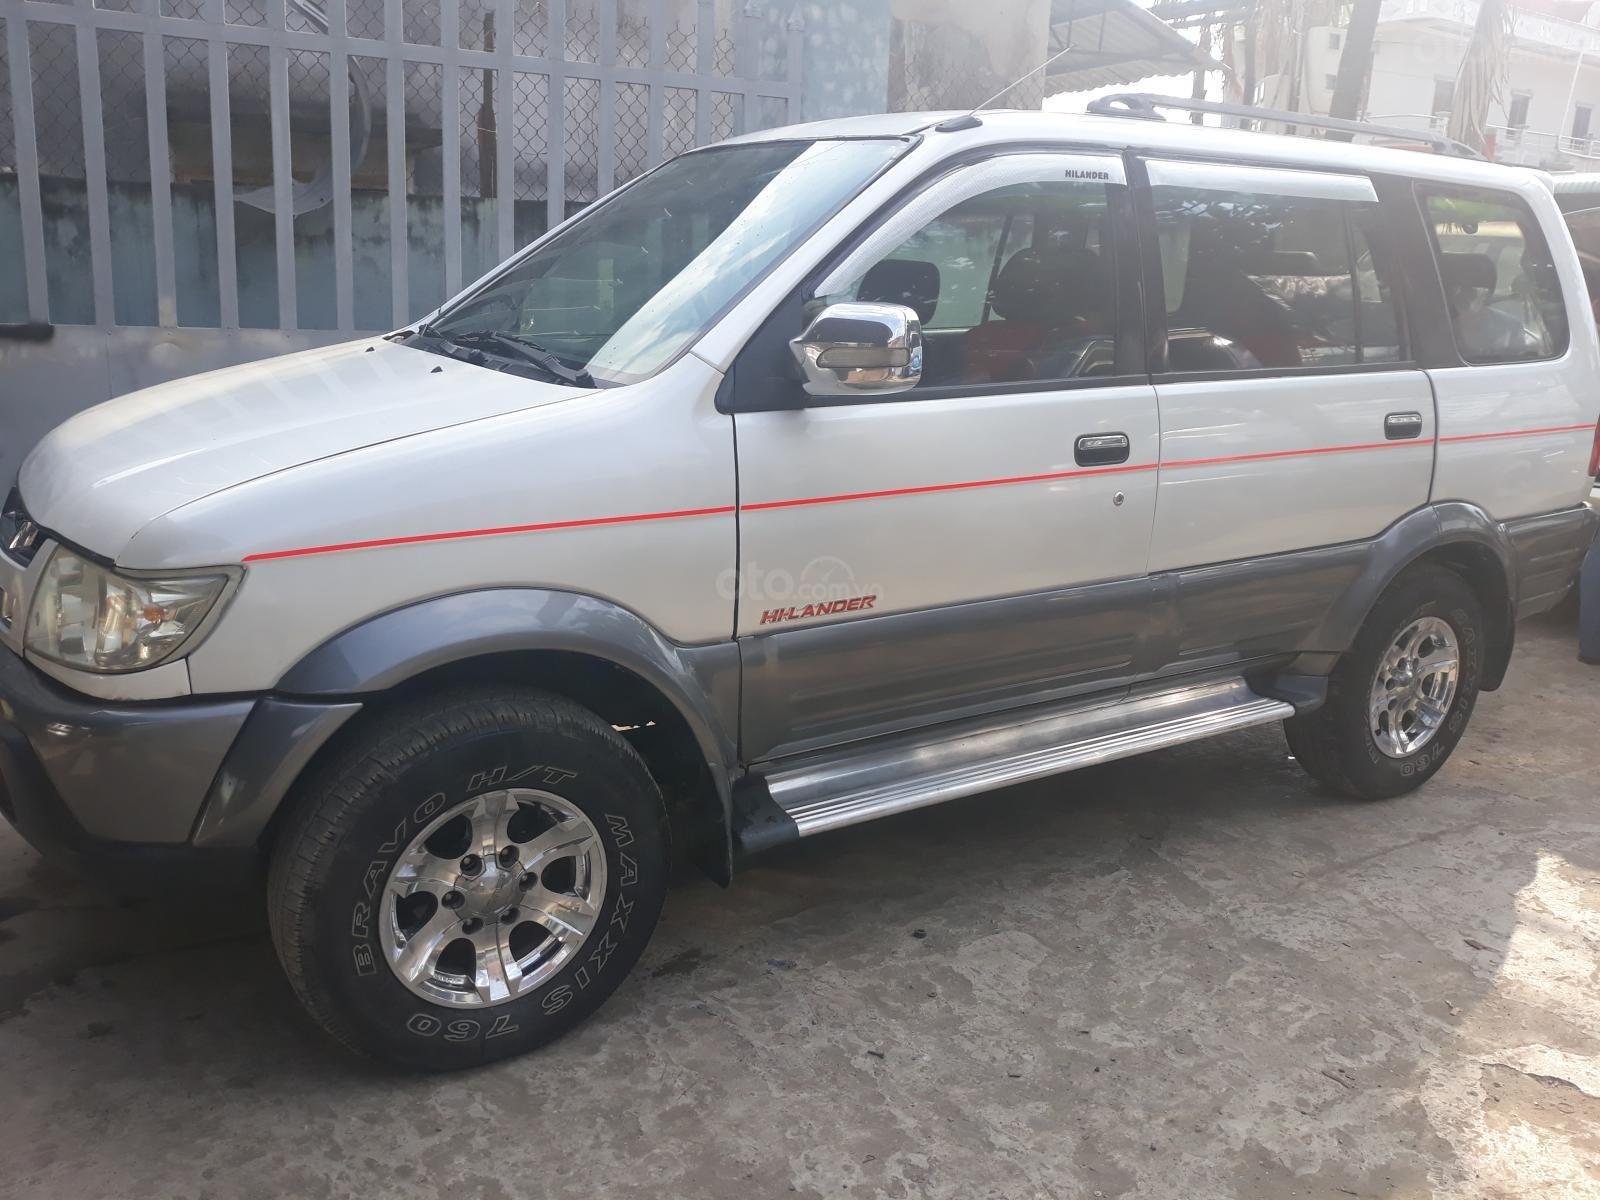 Cần bán xe Isuzu Hi lander đời 2007, màu trắng giá chỉ 250 triệu đồng (8)